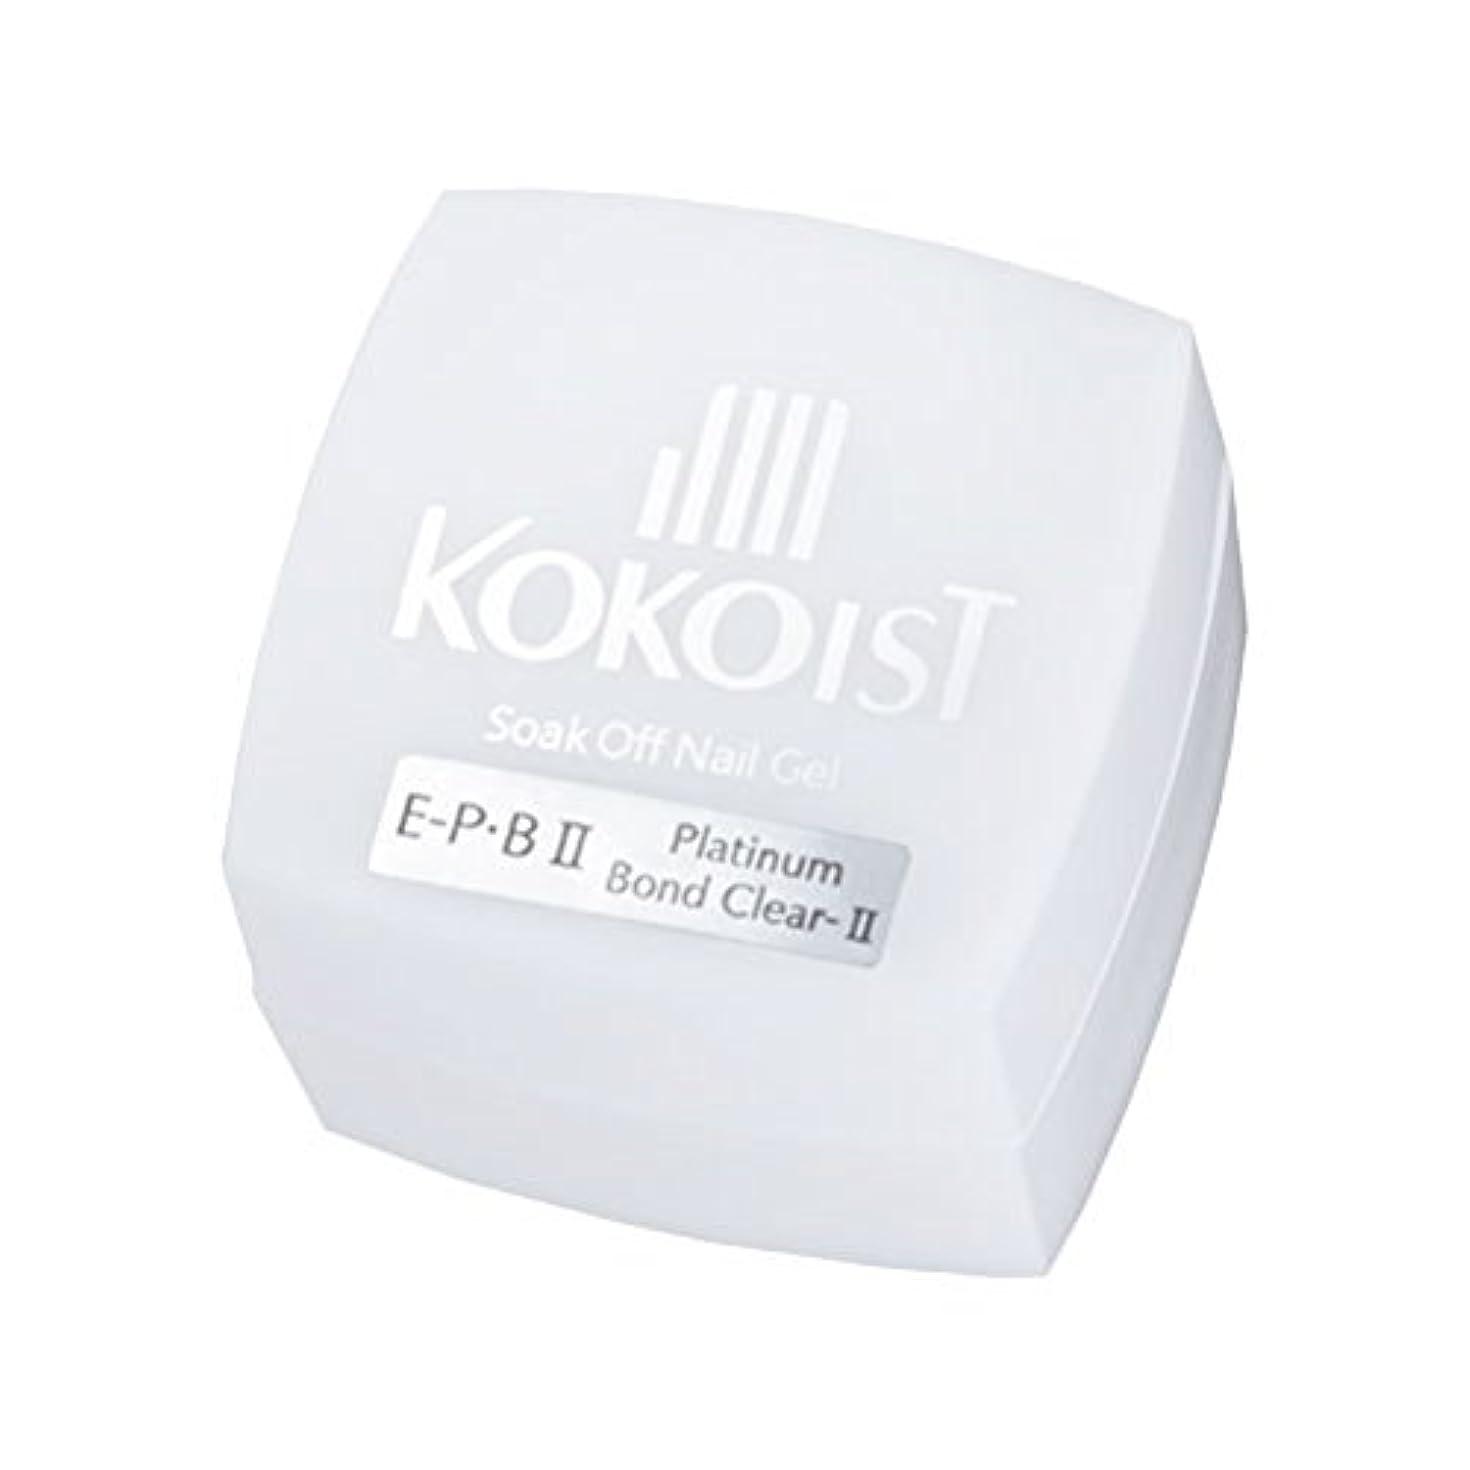 貪欲変化する区画KOKOIST フ゜ラチナホ゛ント゛II 4g ジェル UV/LED対応